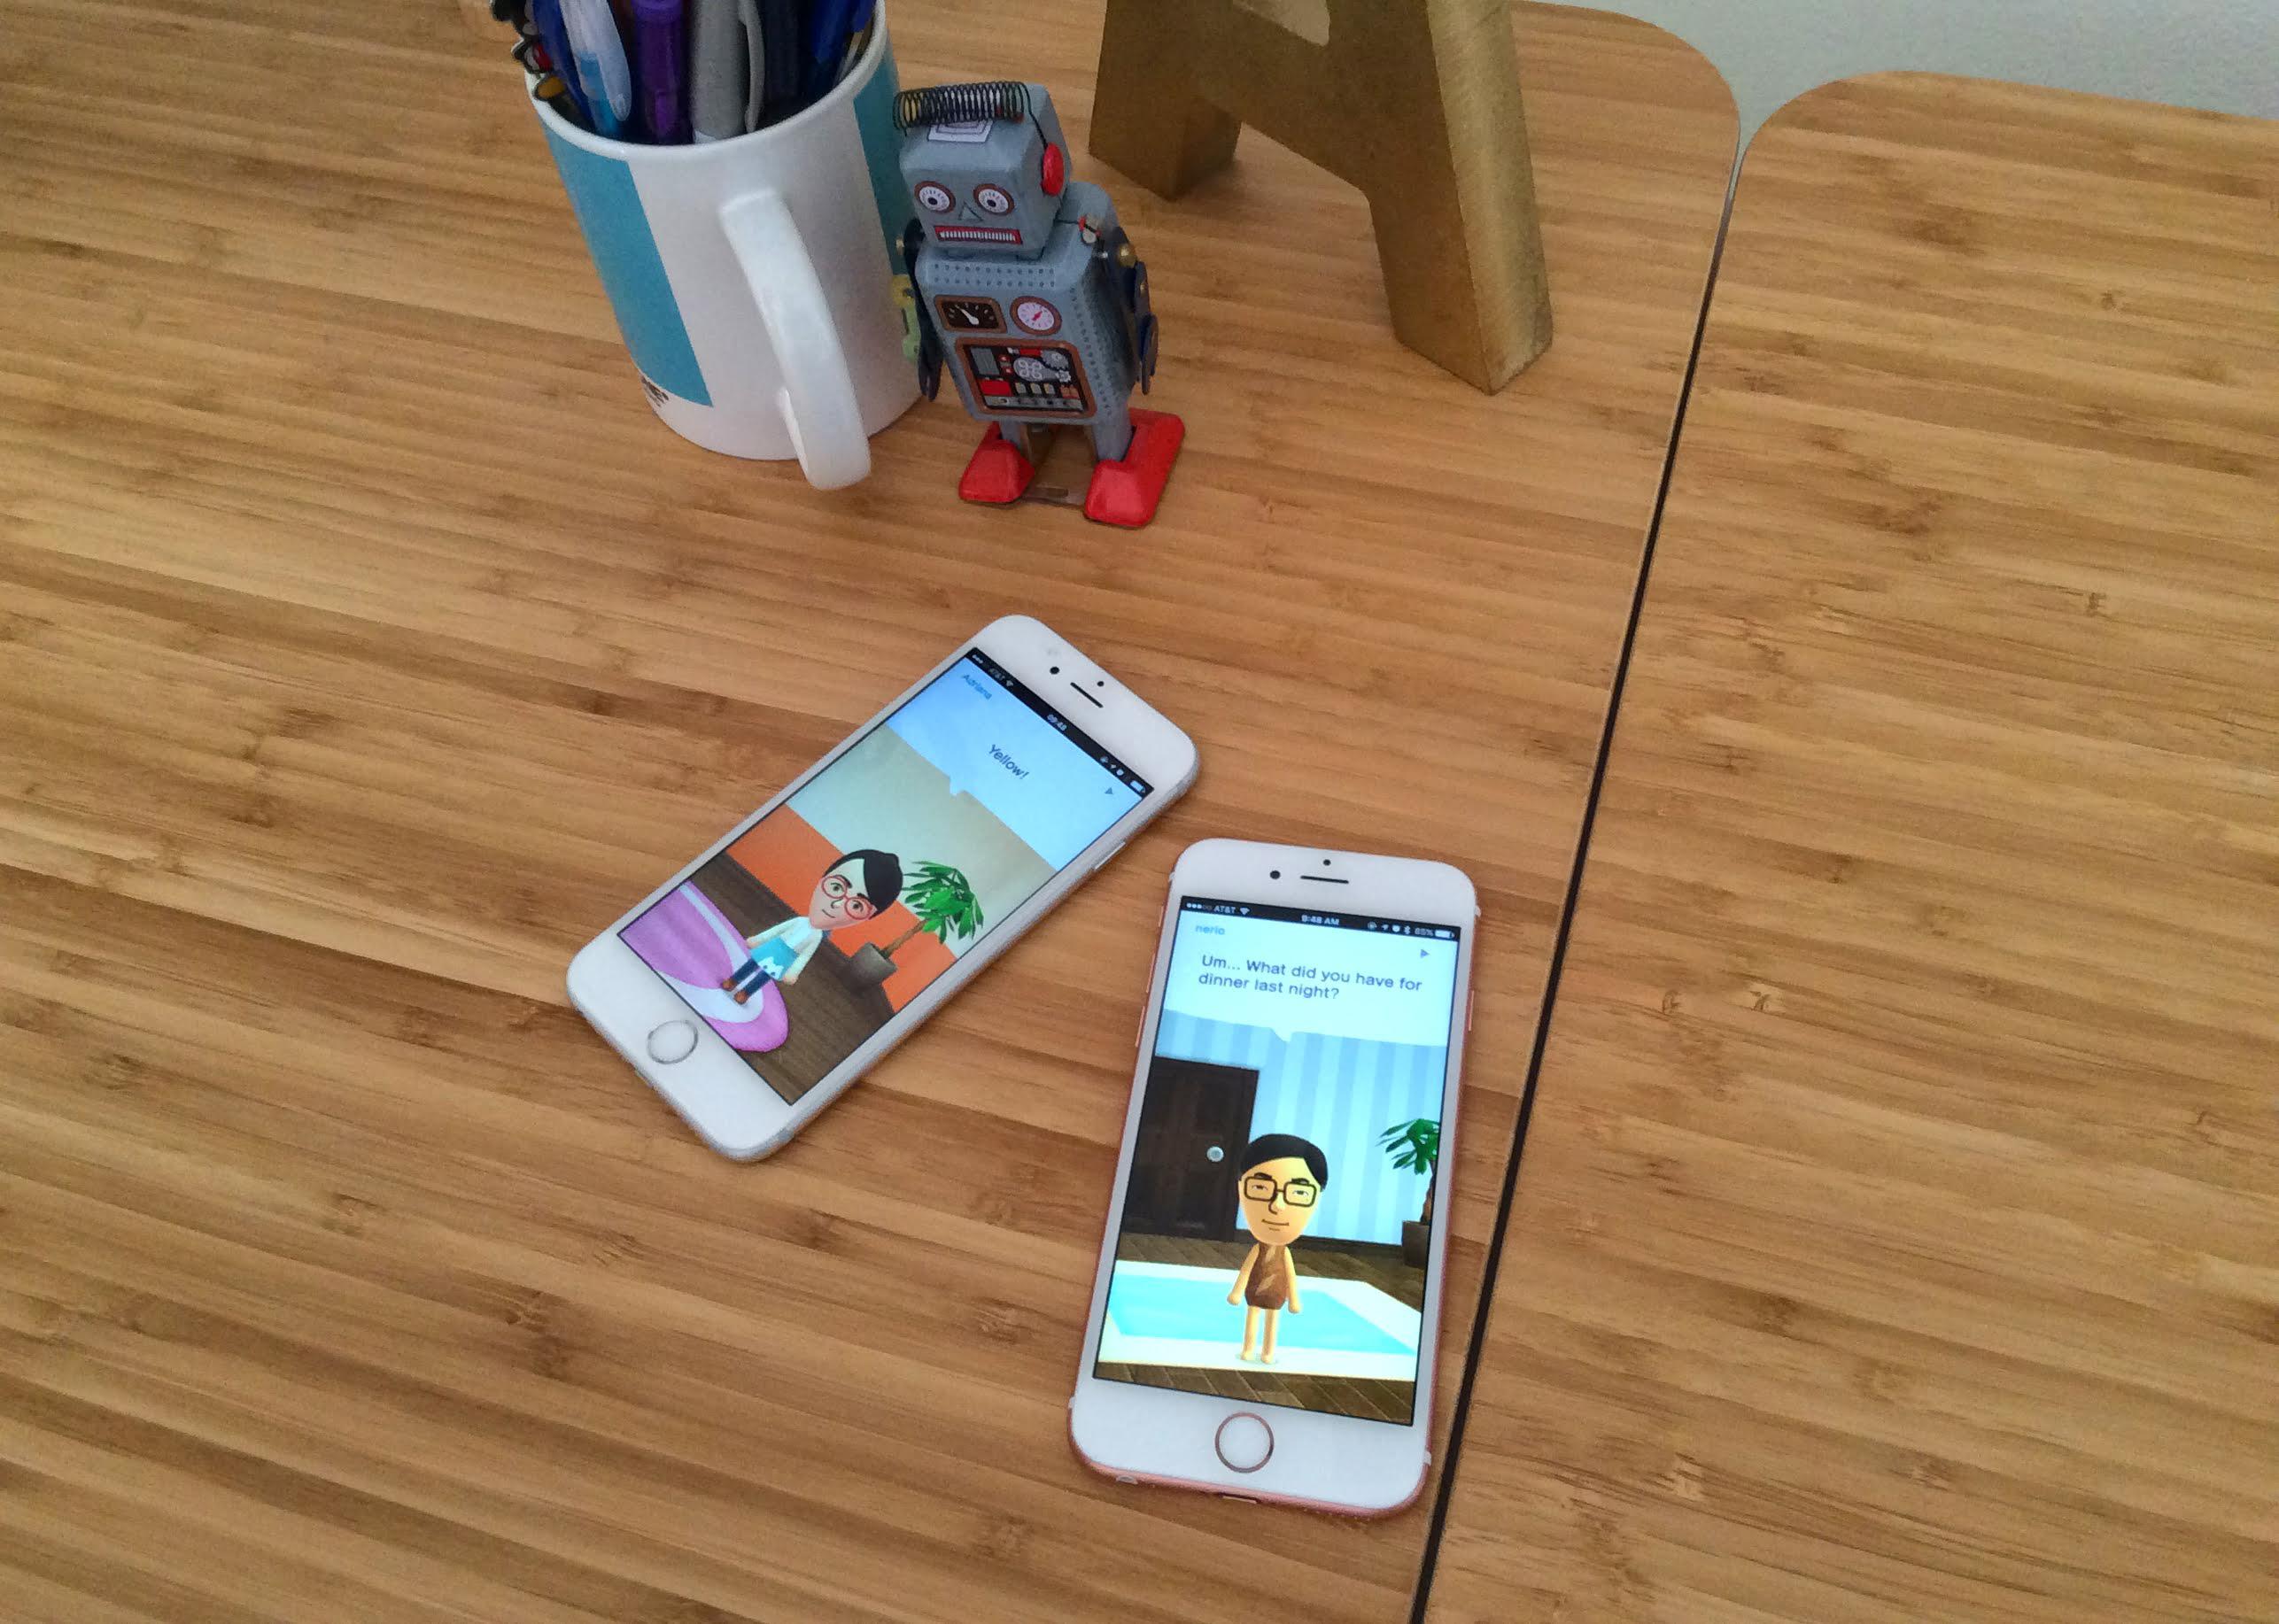 ¡Miitomo de Nintendo ya en iPhone y Android!